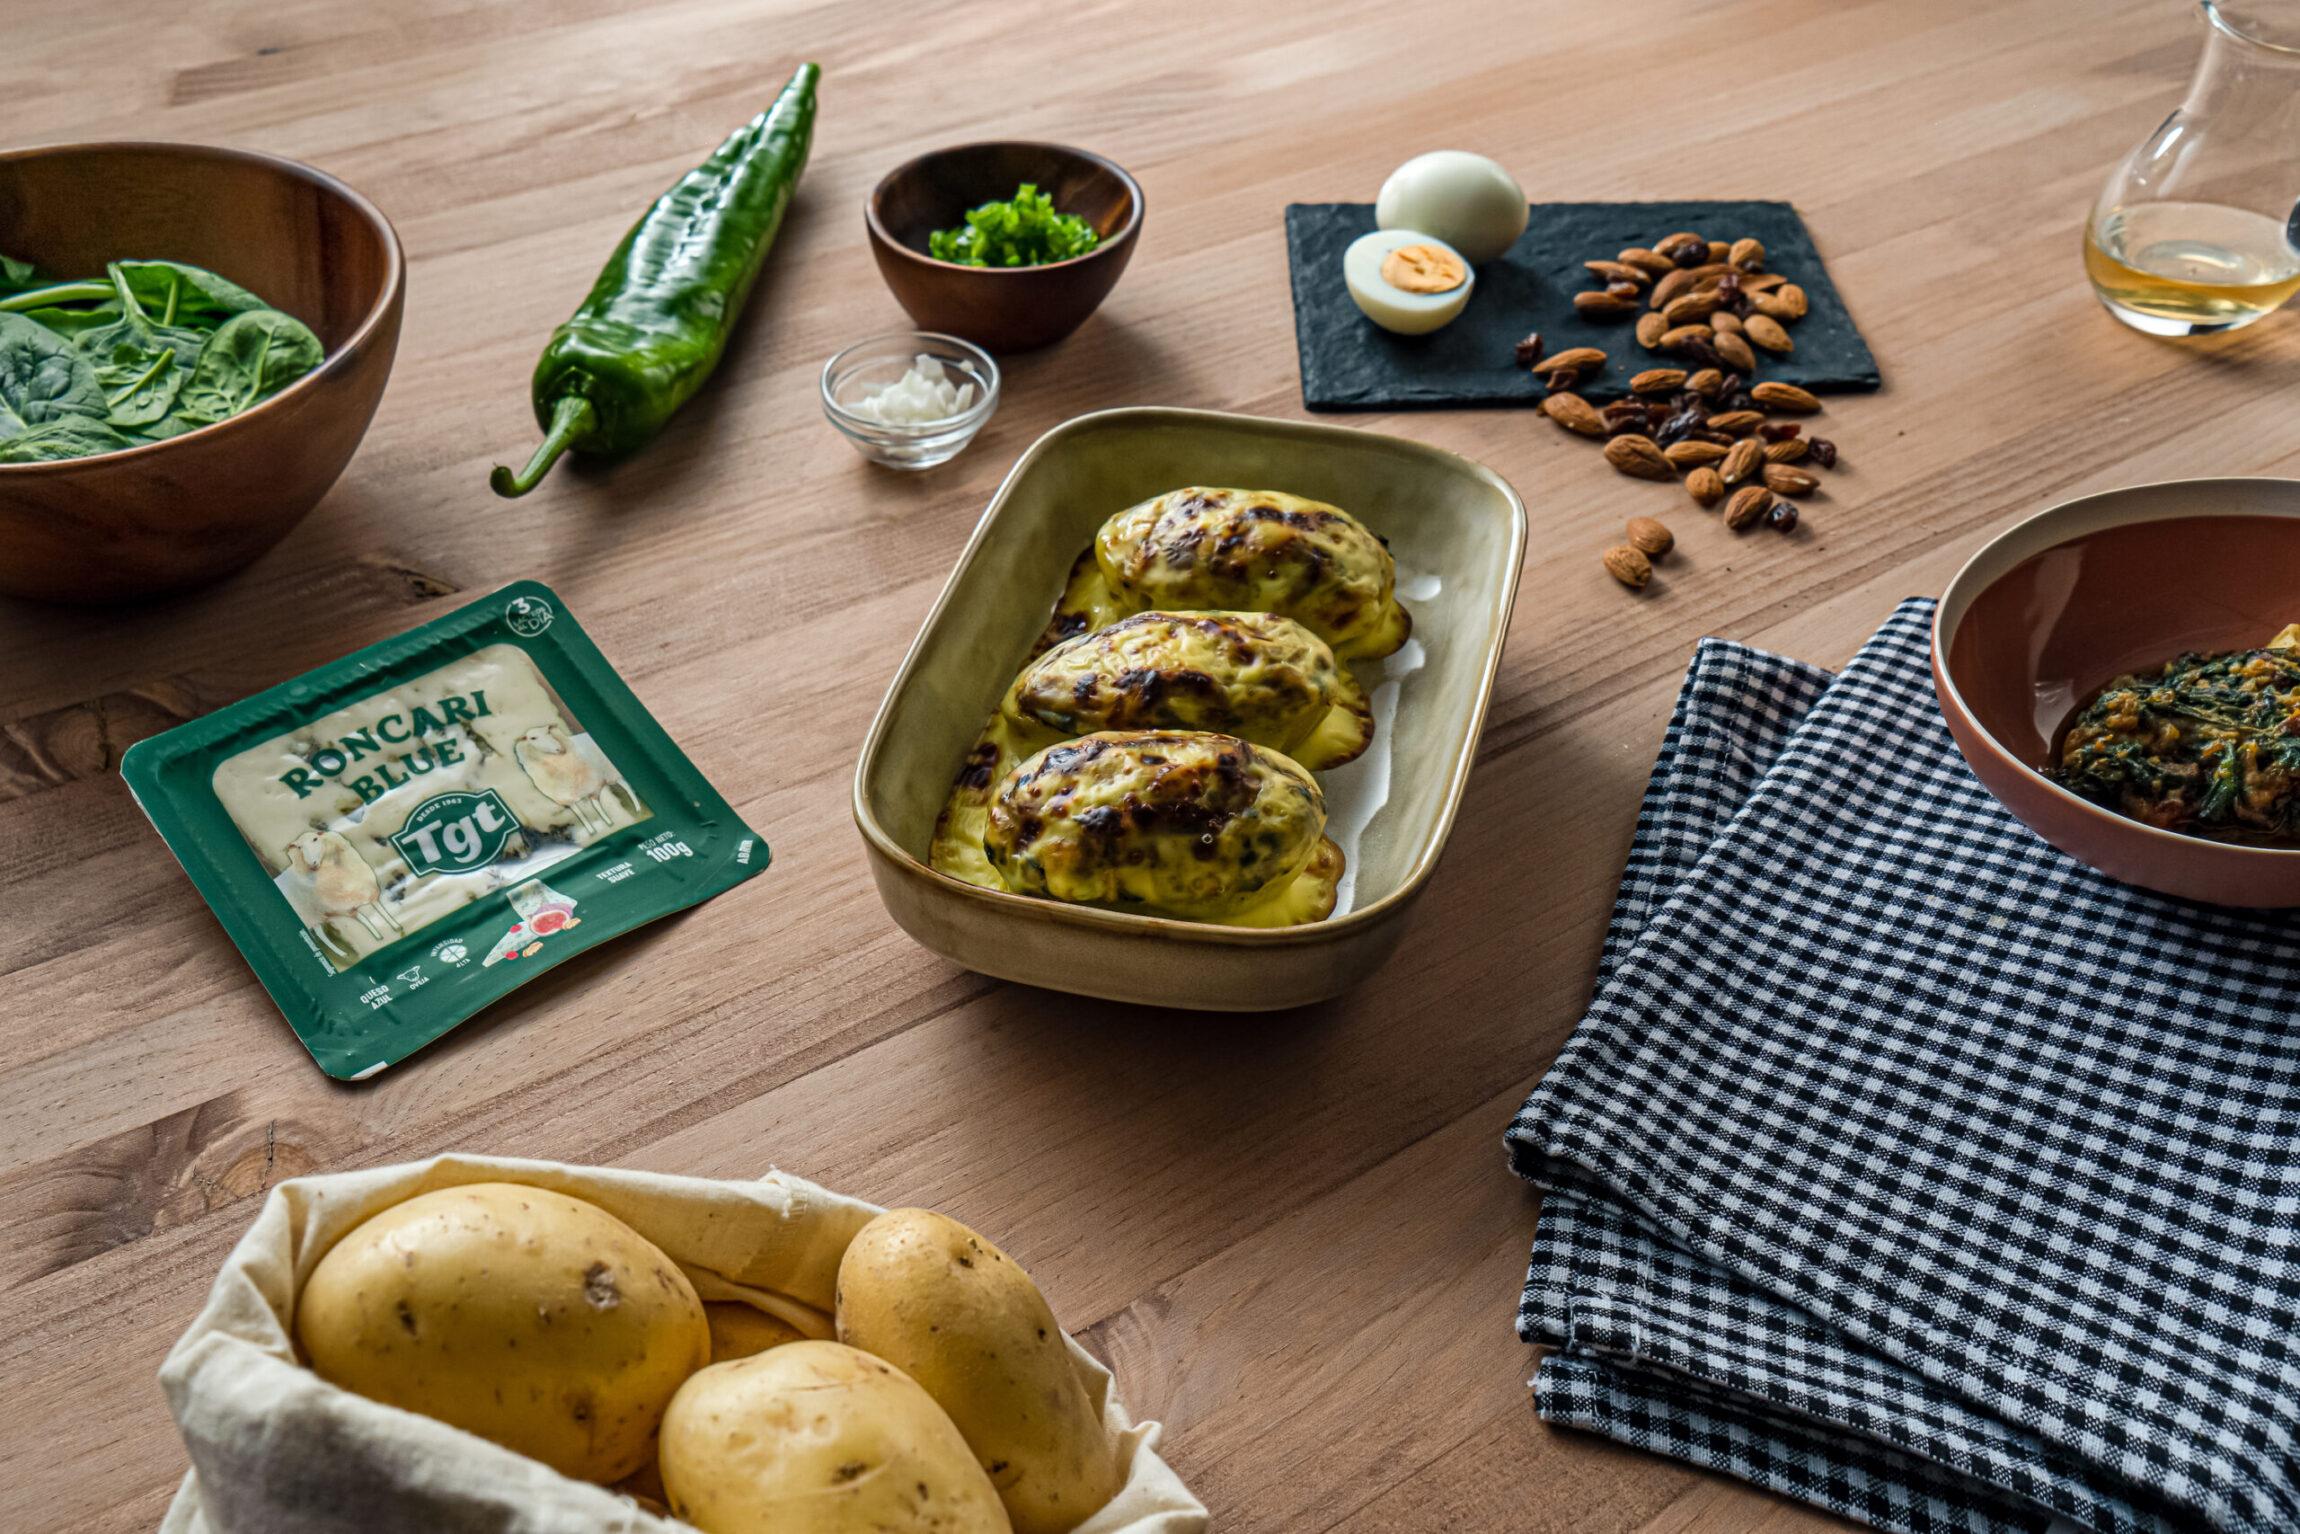 patatas rellenas de espinacas y queso Roncari Blue